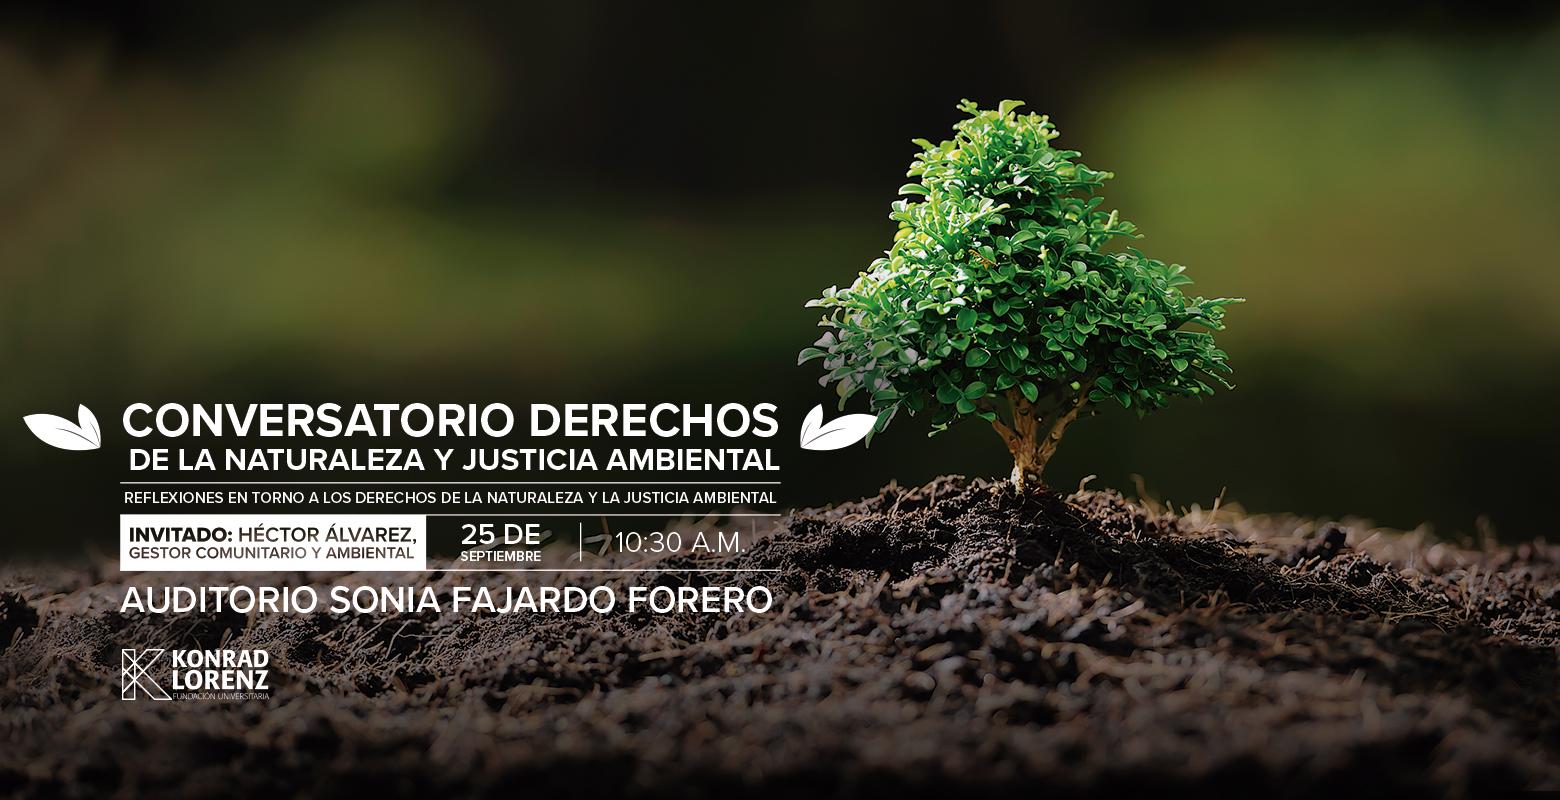 Conversatorio: Derechos de la naturaleza y justicia ambiental